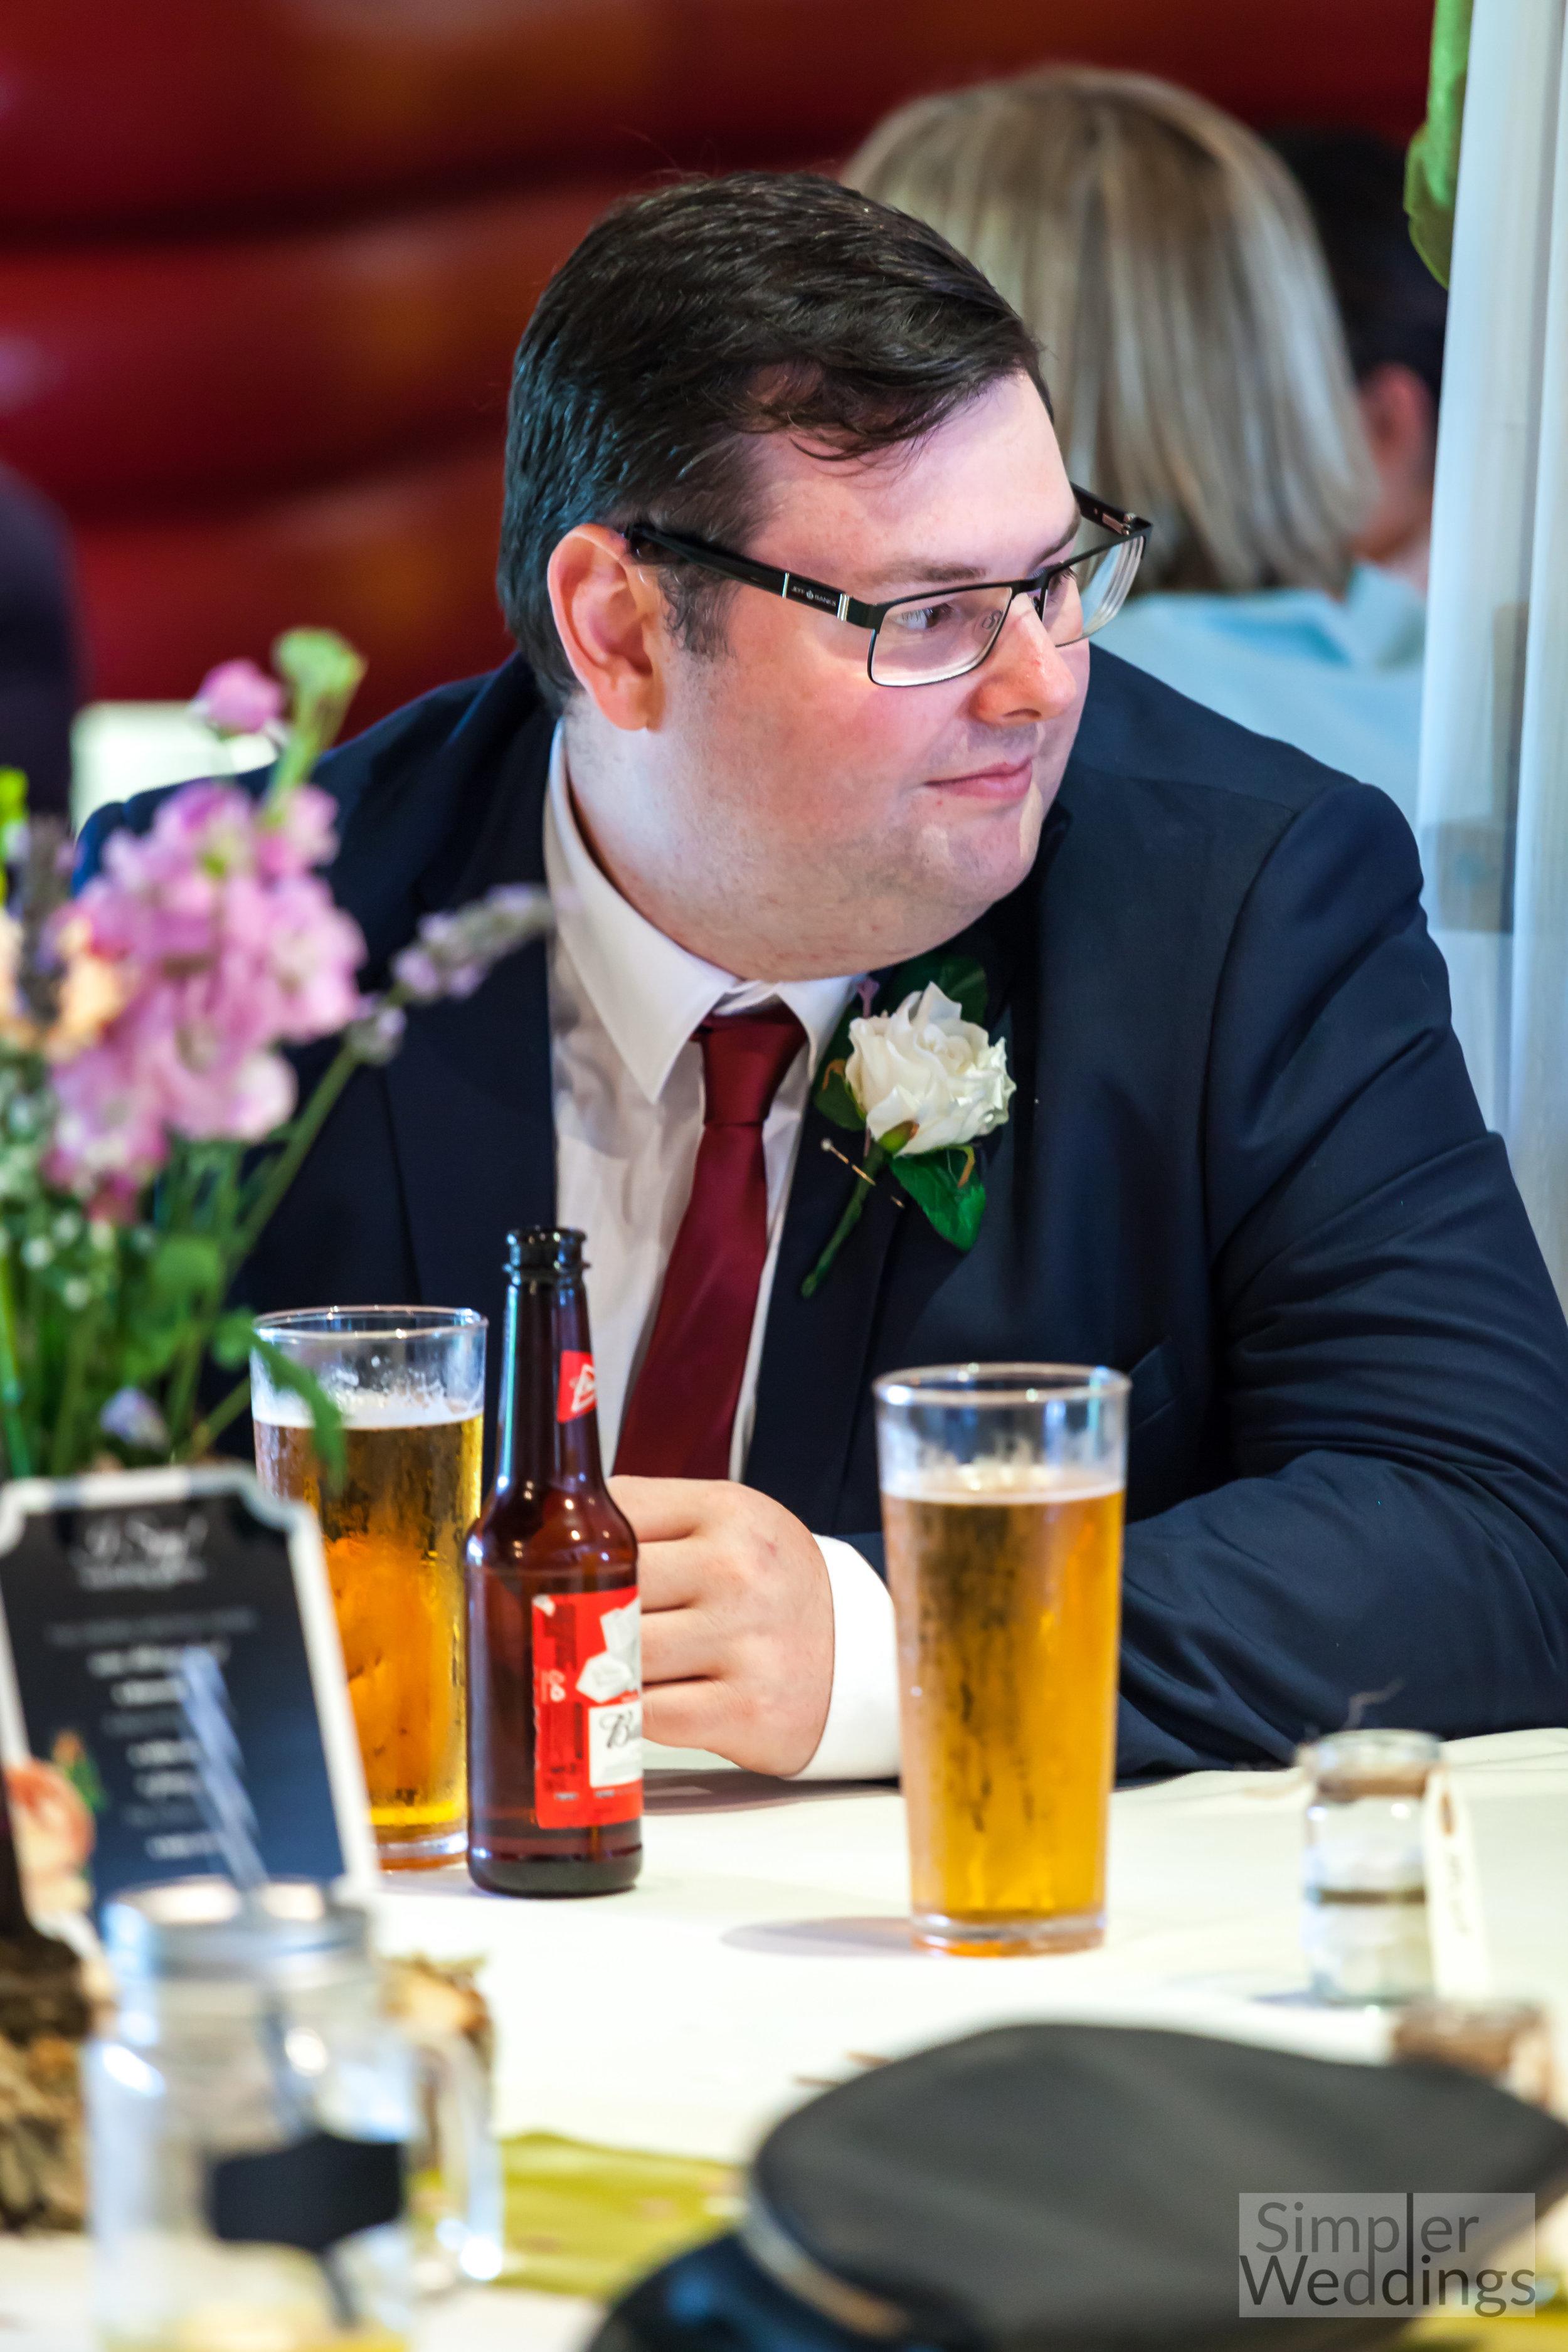 simpler-weddings-high-res-5815.jpg